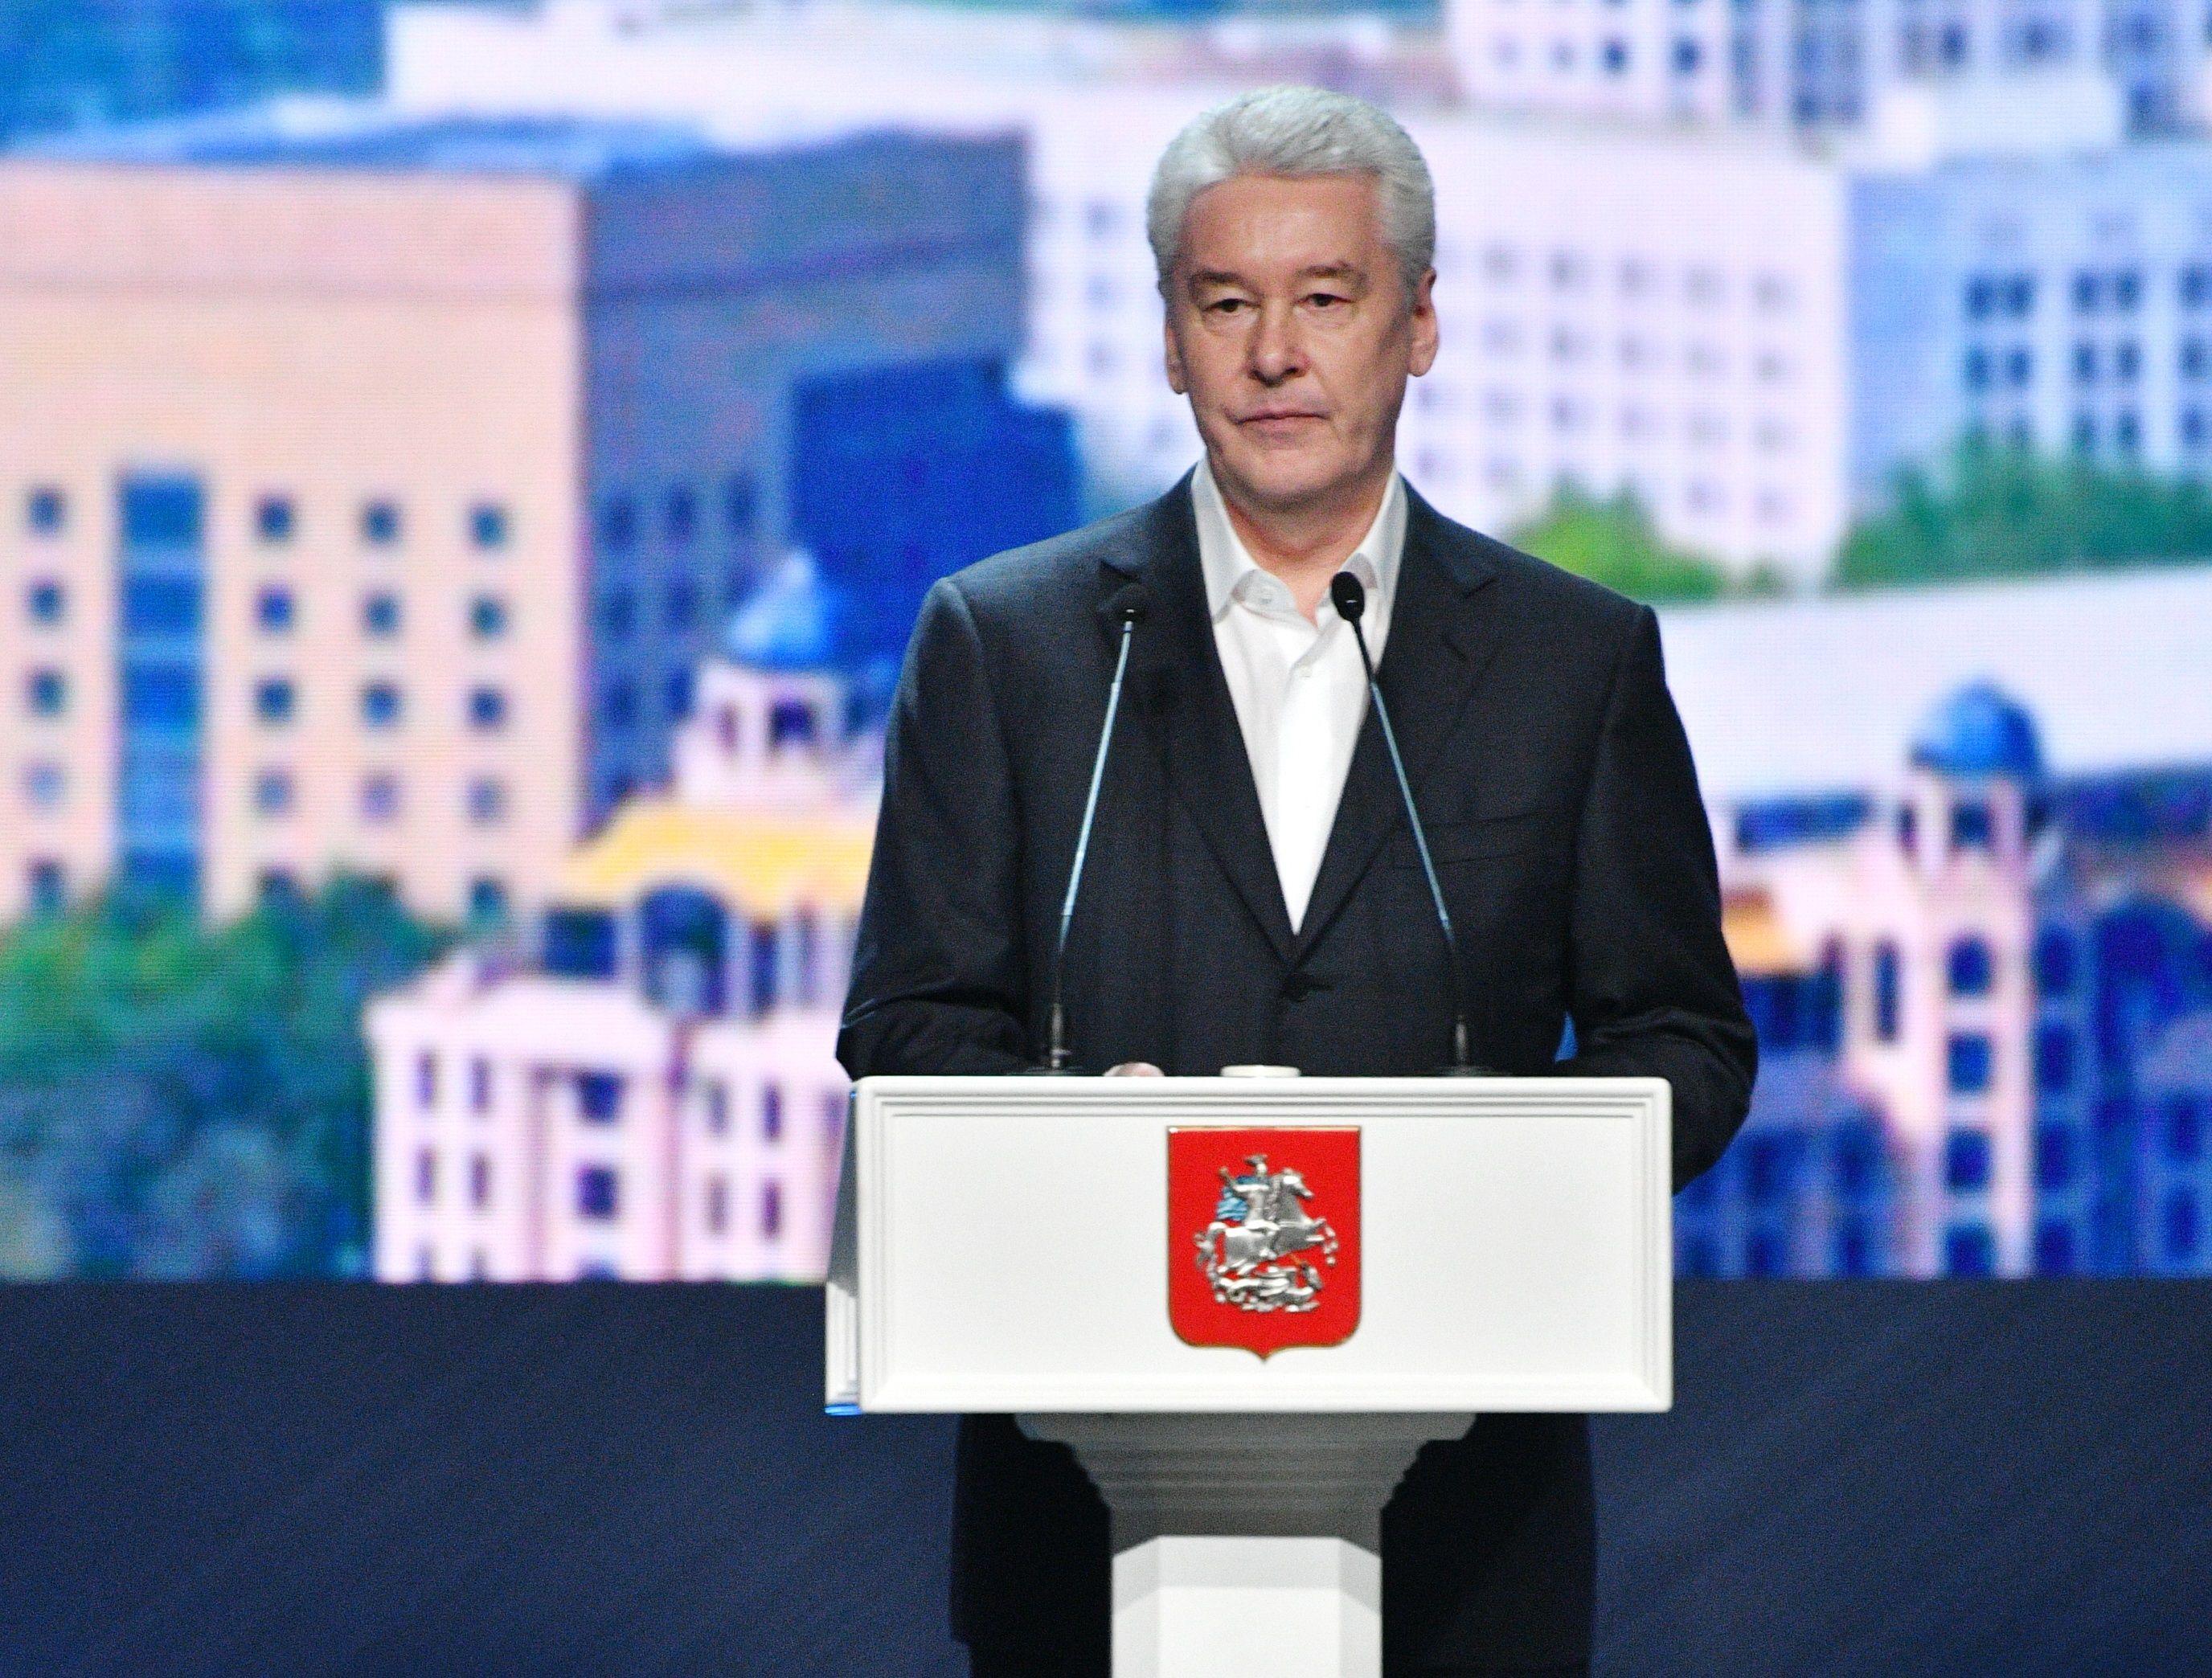 Сергей Собянин заявил об изменении 24 автобусных маршрутов к одной дате